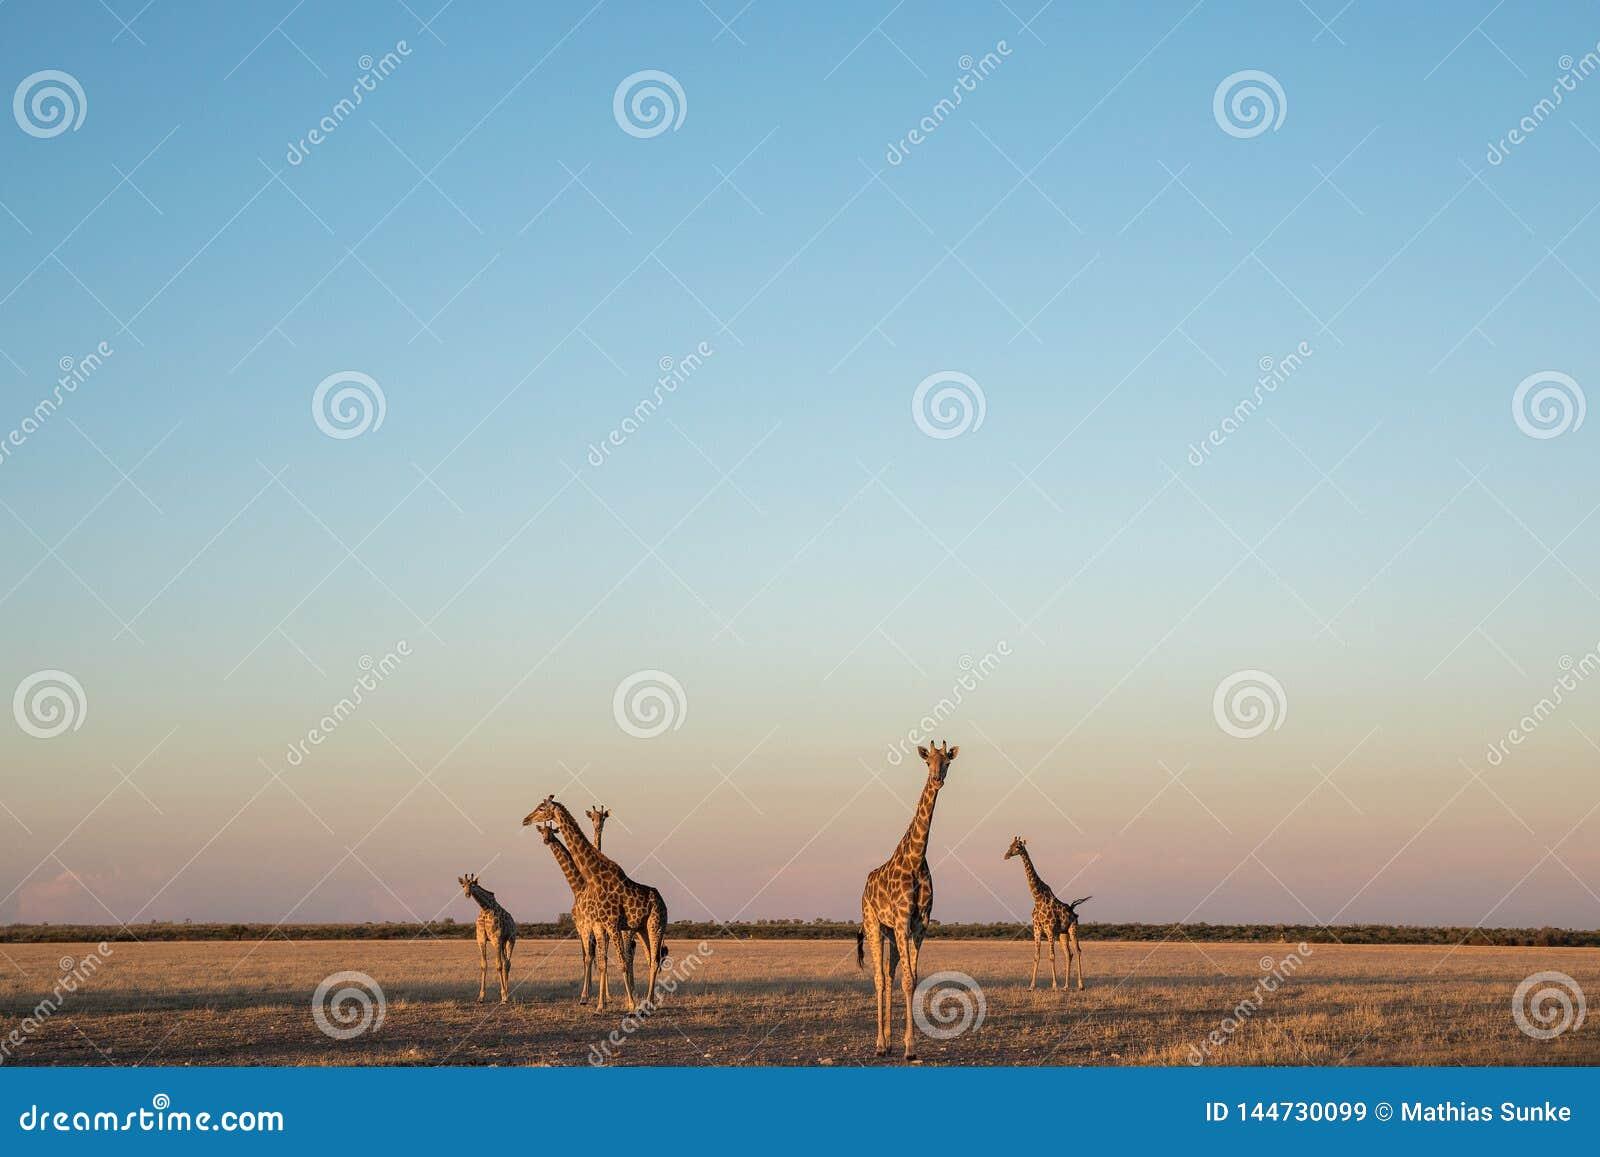 Een kudde van giraffen in de woestijn van Kalahari